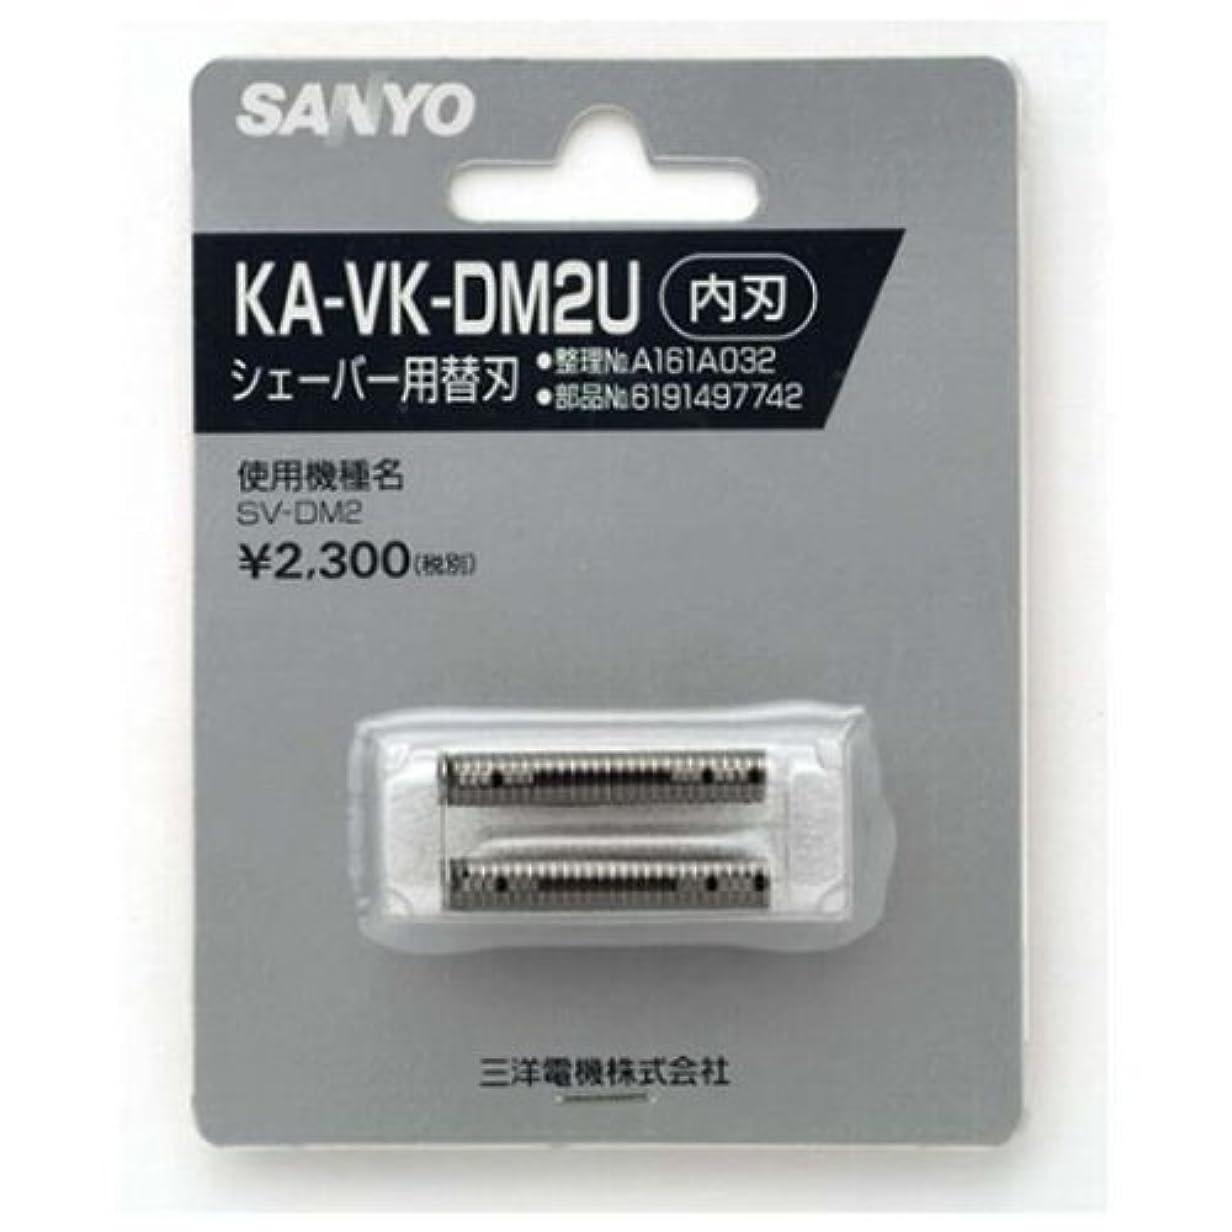 組習慣病弱サンヨー 交換用替刃(内刃) KA-VK-DM2U